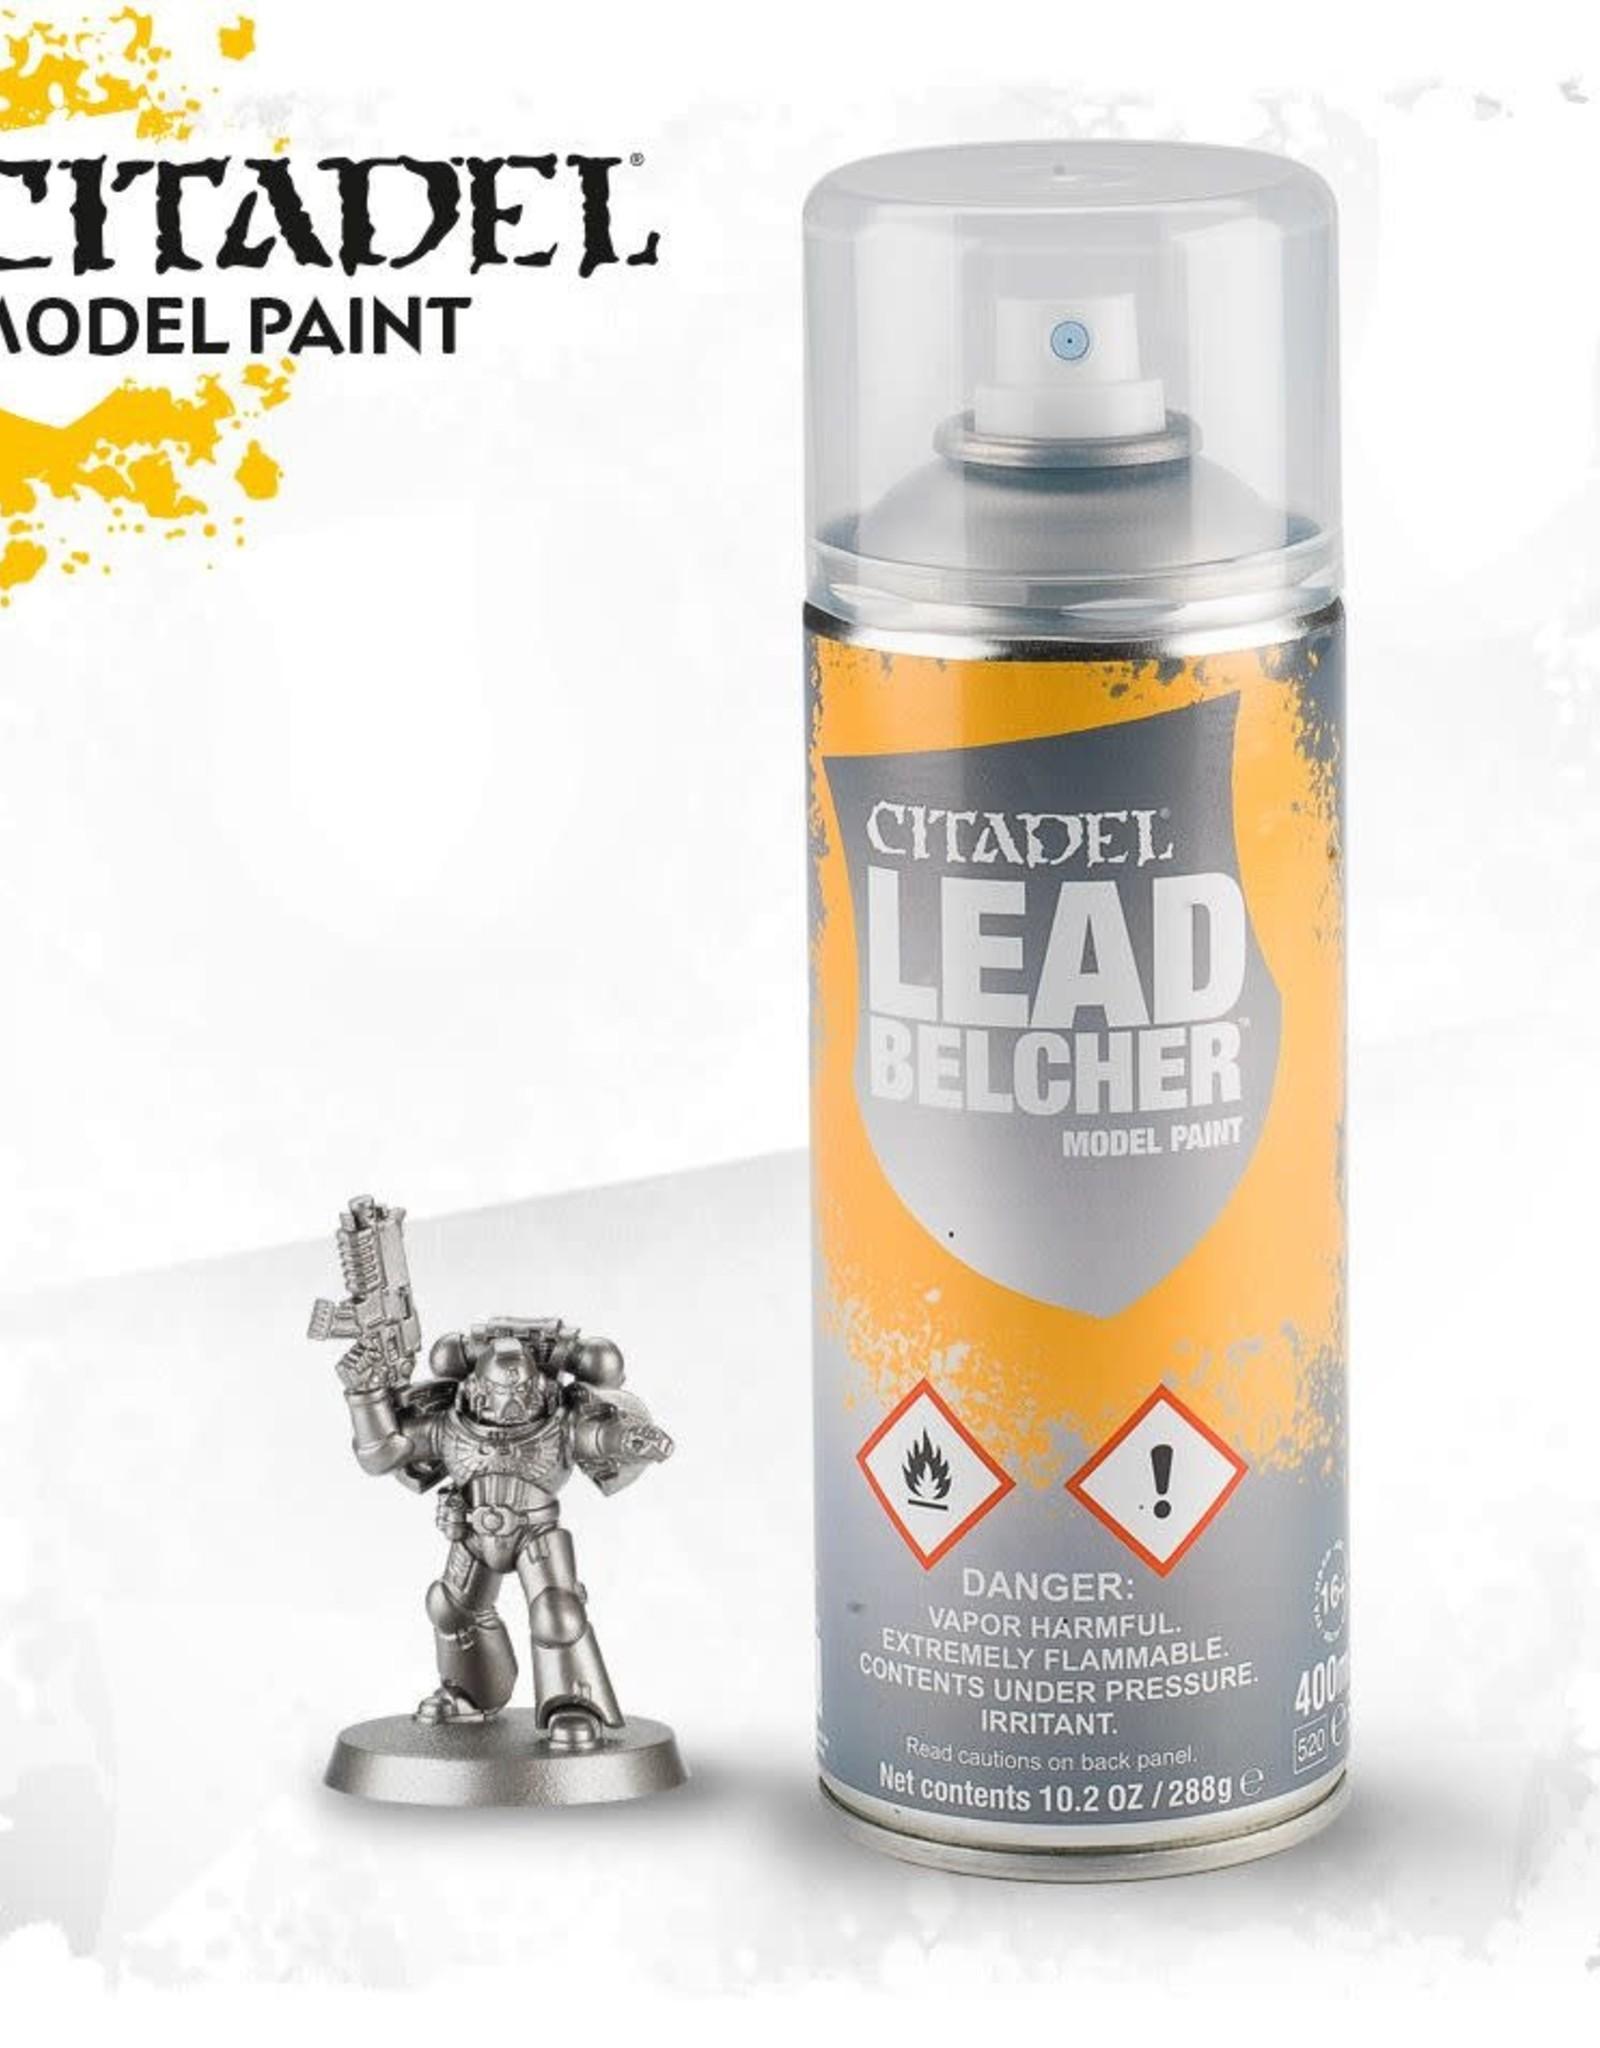 Citadel Paint Citadel Lead Belcher Paint